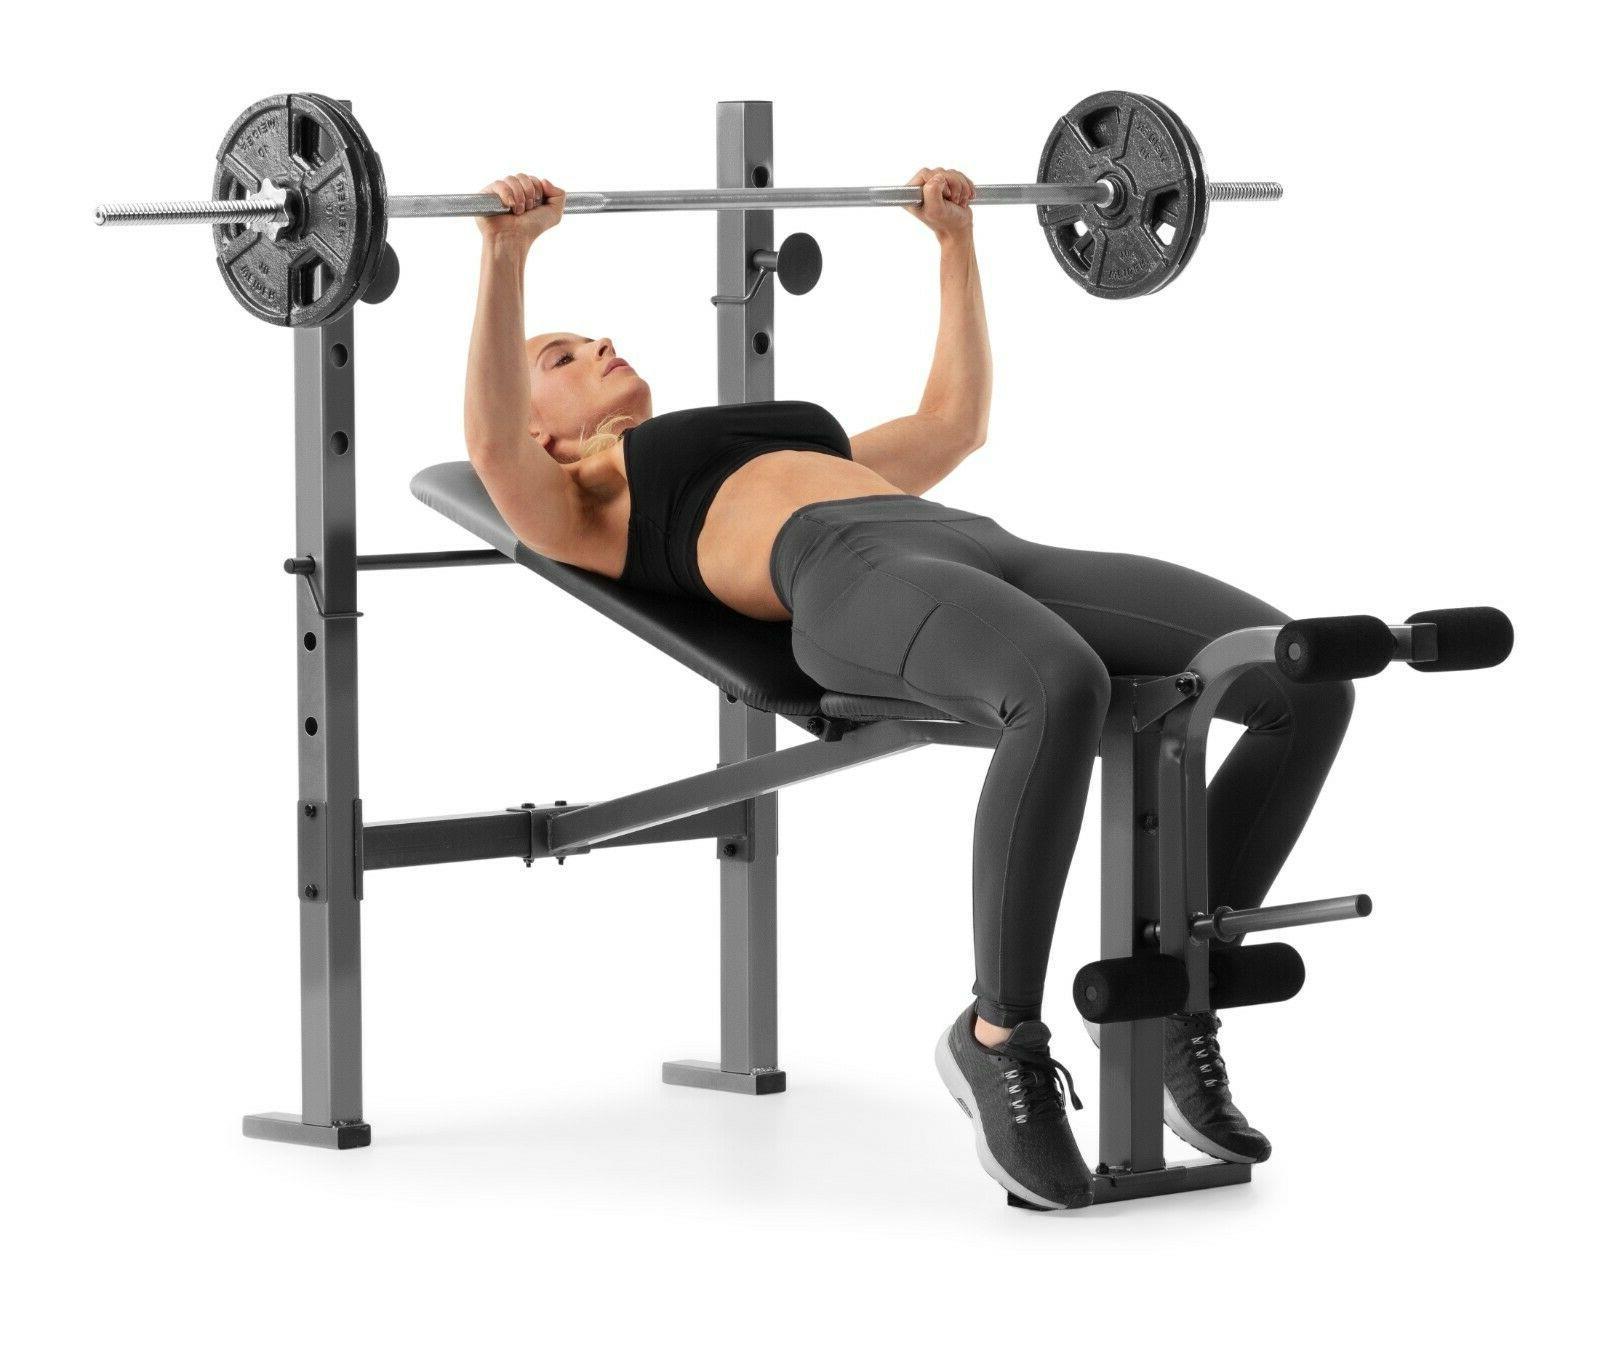 Weider Workout Weight Bench Leg Extension Rack